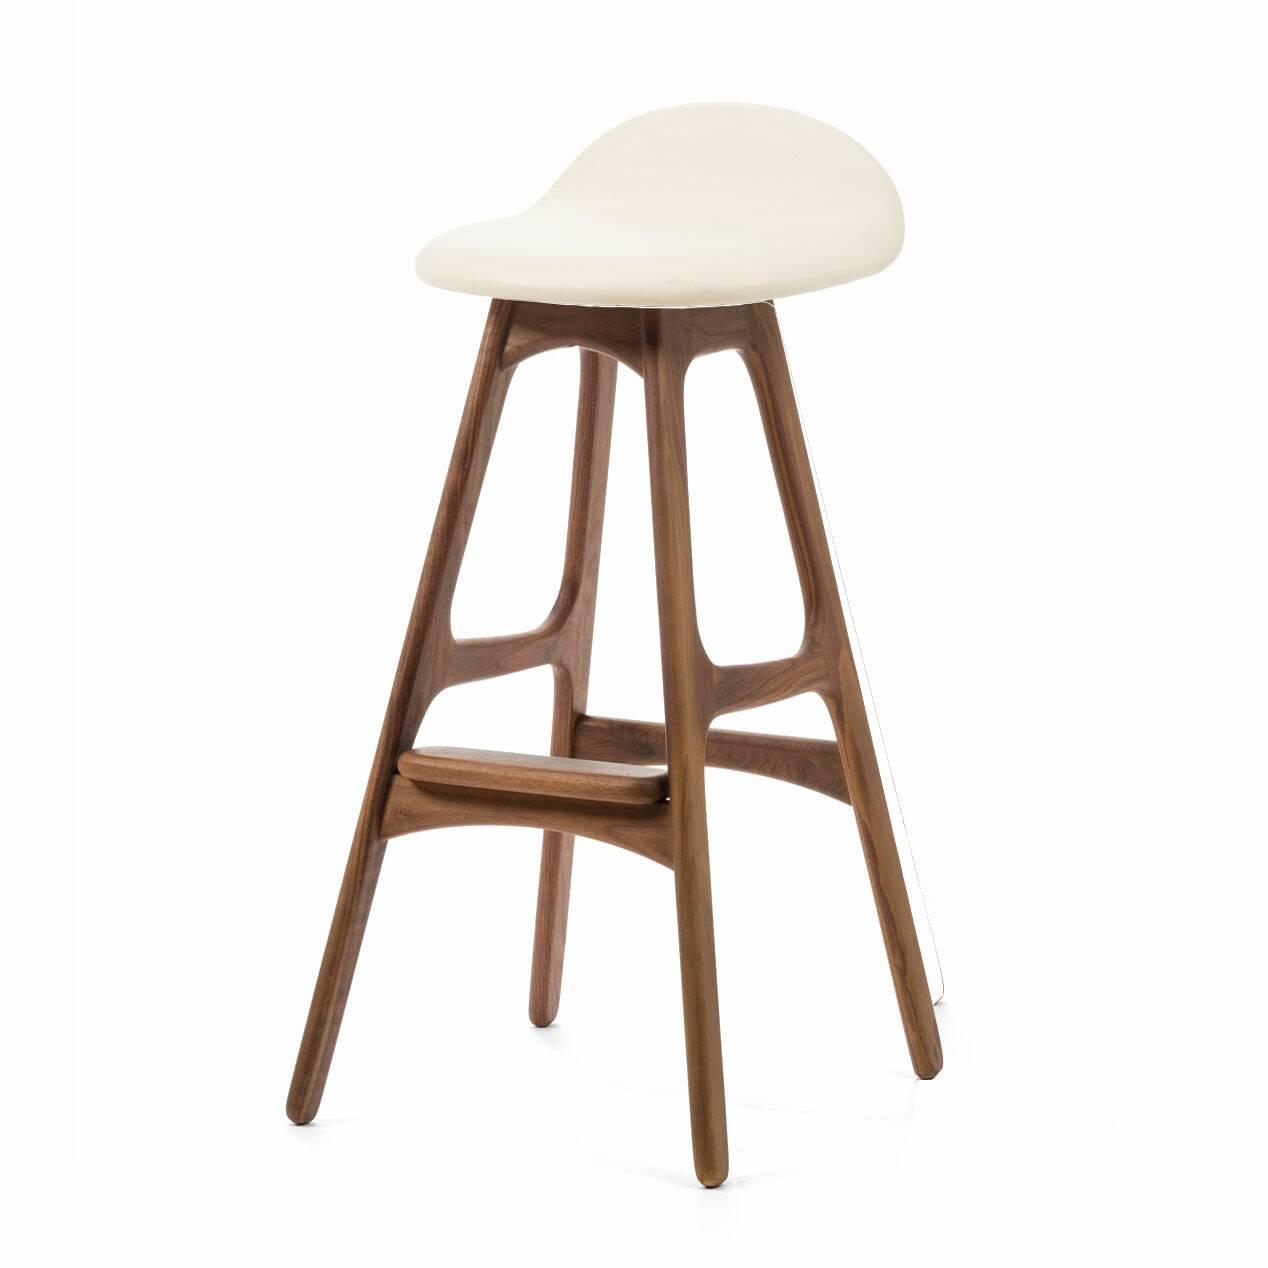 Барный стул Buch 3Барные<br>Дизайнерский барный стул Buch (Буш) без подлокотников на деревянных ножках от Cosmo (Космо).<br> Высокий барный стул Buch 3 создан еще в 1960 году дизайнером Эриком Буком, который посвятил всю свою жизнь дизайну и архитектуре. У Эрика Бука было свыше 30 коммерчески успешных дизайн-проектов, среди которых самым успешным стал именно этот барный стул, который нашел свое место в миллионах домов по всему миру. Сегодня же стулья, сконструированные Эриком Буком, по-прежнему производятся на фабриках в...<br><br>stock: 0<br>Высота: 85,5<br>Высота сиденья: 75<br>Ширина: 40<br>Глубина: 45<br>Цвет ножек: Орех<br>Материал ножек: Массив ореха<br>Материал сидения: Полиуретан<br>Цвет сидения: Белый<br>Тип материала сидения: Кожа искусственная<br>Коллекция ткани: Premium Grade PU<br>Тип материала ножек: Дерево